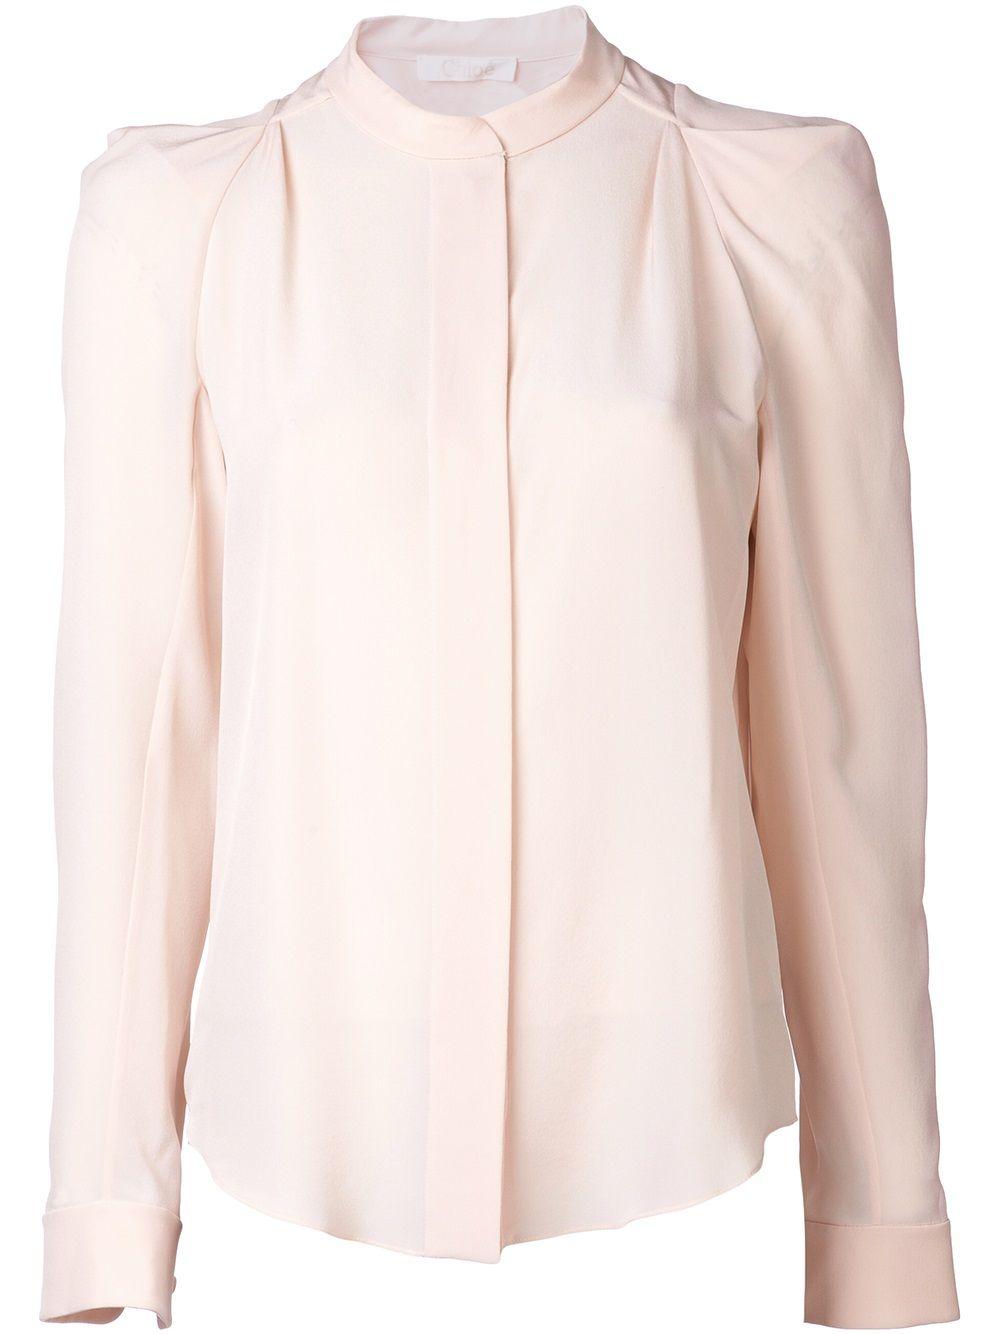 Chloé - crepe de chine blouse 6